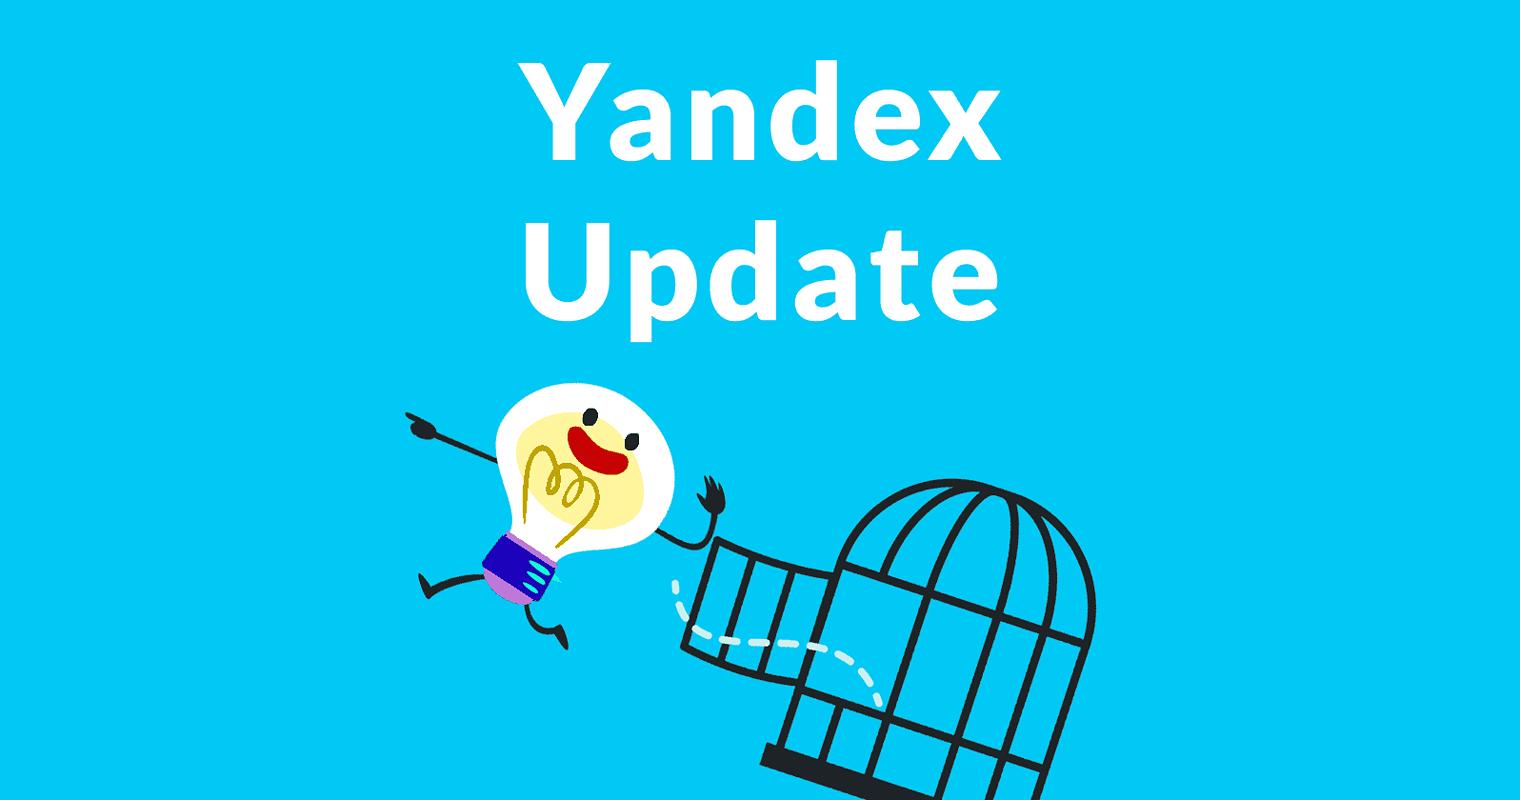 Yandex Announces Major Algorithm Update